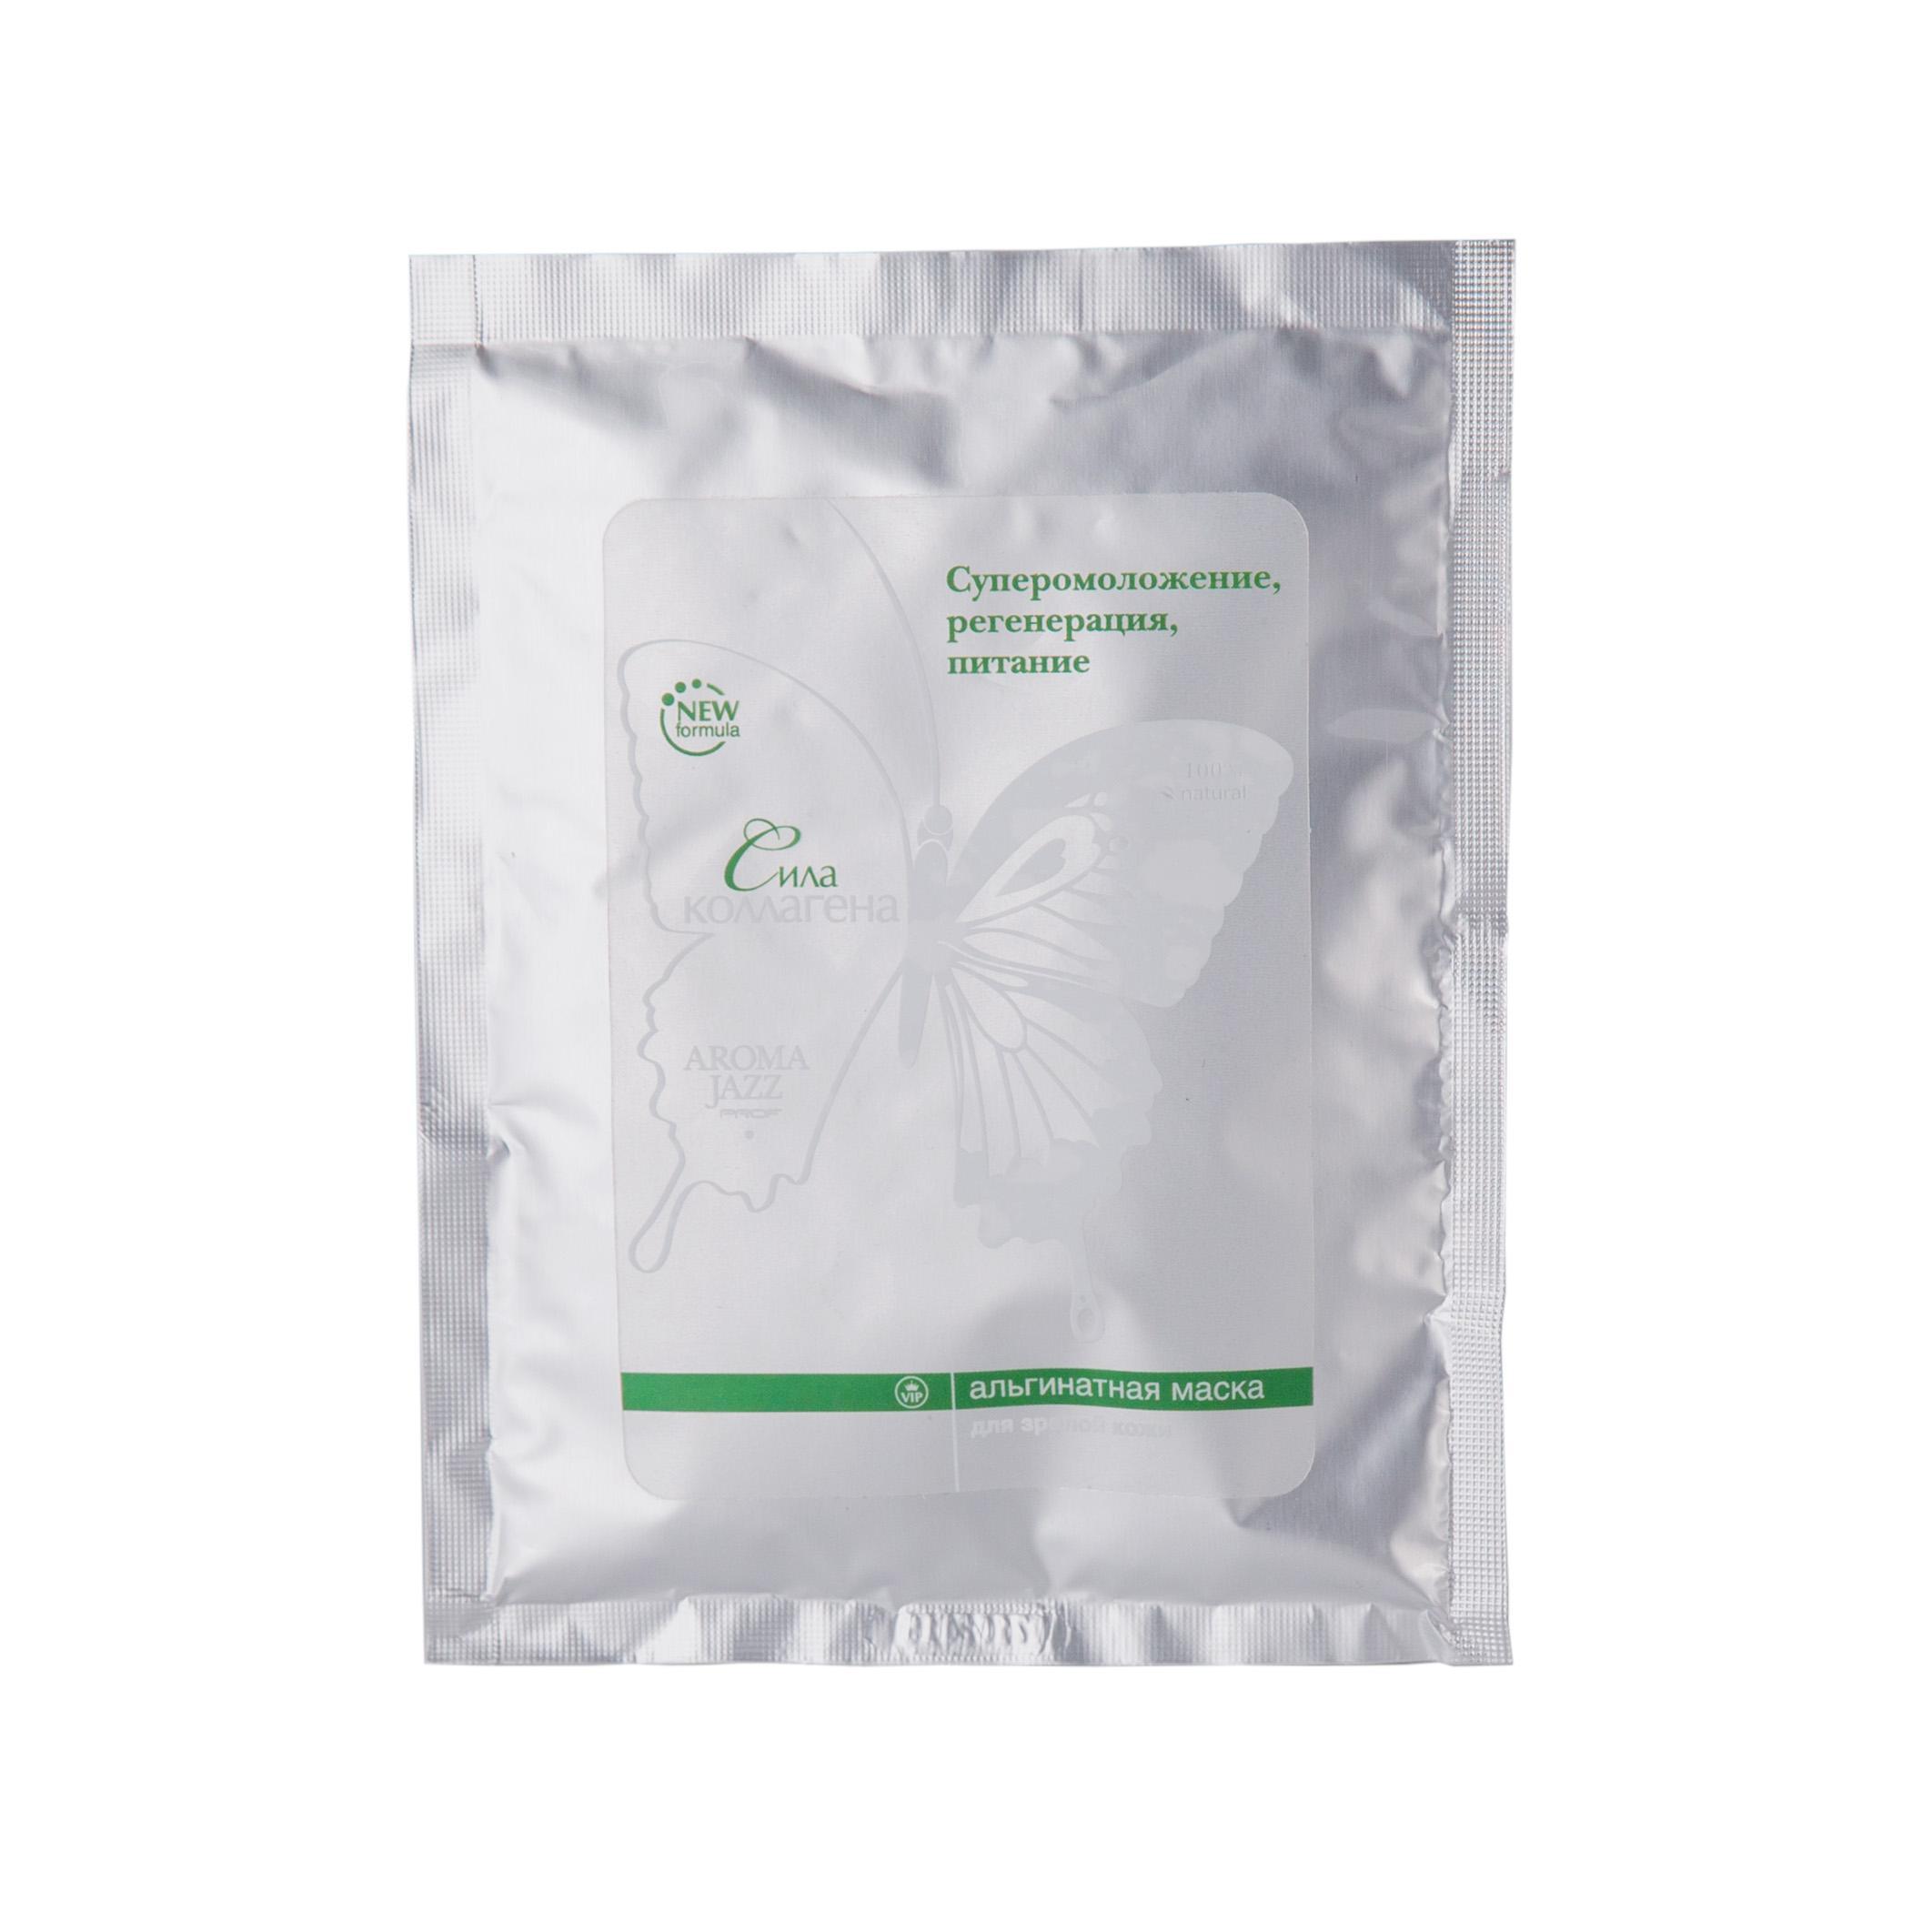 Aroma Jazz Пластифицирующая альгинатная маска для лица Сила коллагена, 100 мл2815tДействие: маска активизирует процессы регенерации и синтез коллагена, способствует выравниванию цвета лица, улучшению клеточного дыхания и повышению эластичности кожи. Маска не требует смывания водой. Через 30 минут она легко снимается в виде мягкого пластичного слепка. Противопоказания: индивидуальная непереносимость компонентов. Срок хранения: 24 месяца.